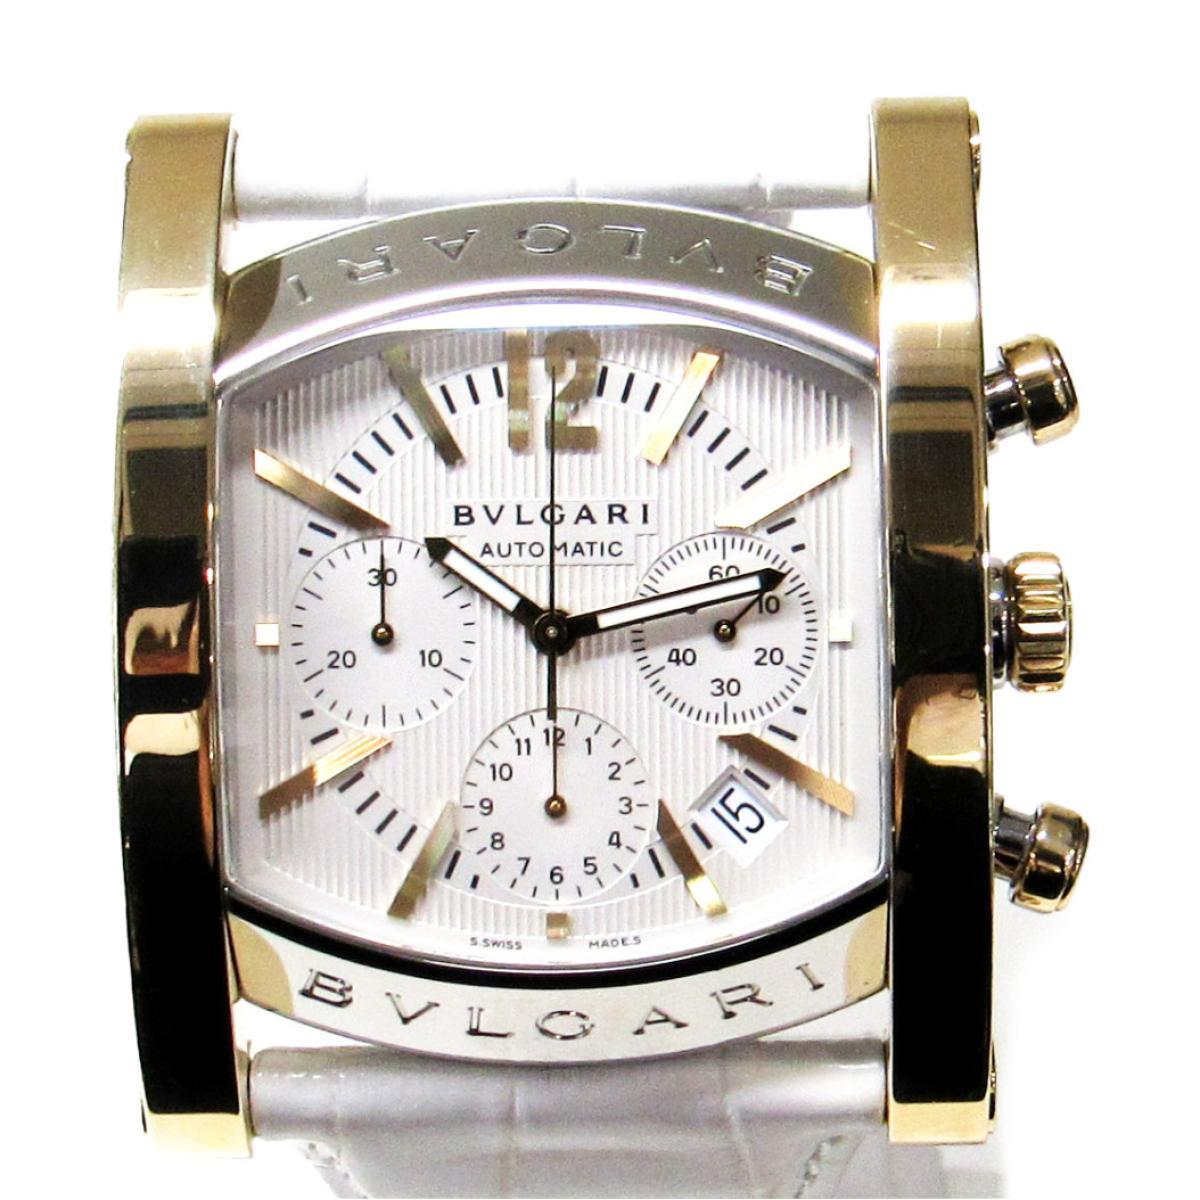 【中古】 ブルガリ アショーマ 腕時計 メンズ 時計 K18YG (750)イエローゴールド x ステンレススチール (SS) 革ベルト ホワイト ゴールド シルバー (AA48SGCH) | BVLGARI オートマチック 自動巻き 時計 アショーマ K18 18金 美品 ブランドオフ